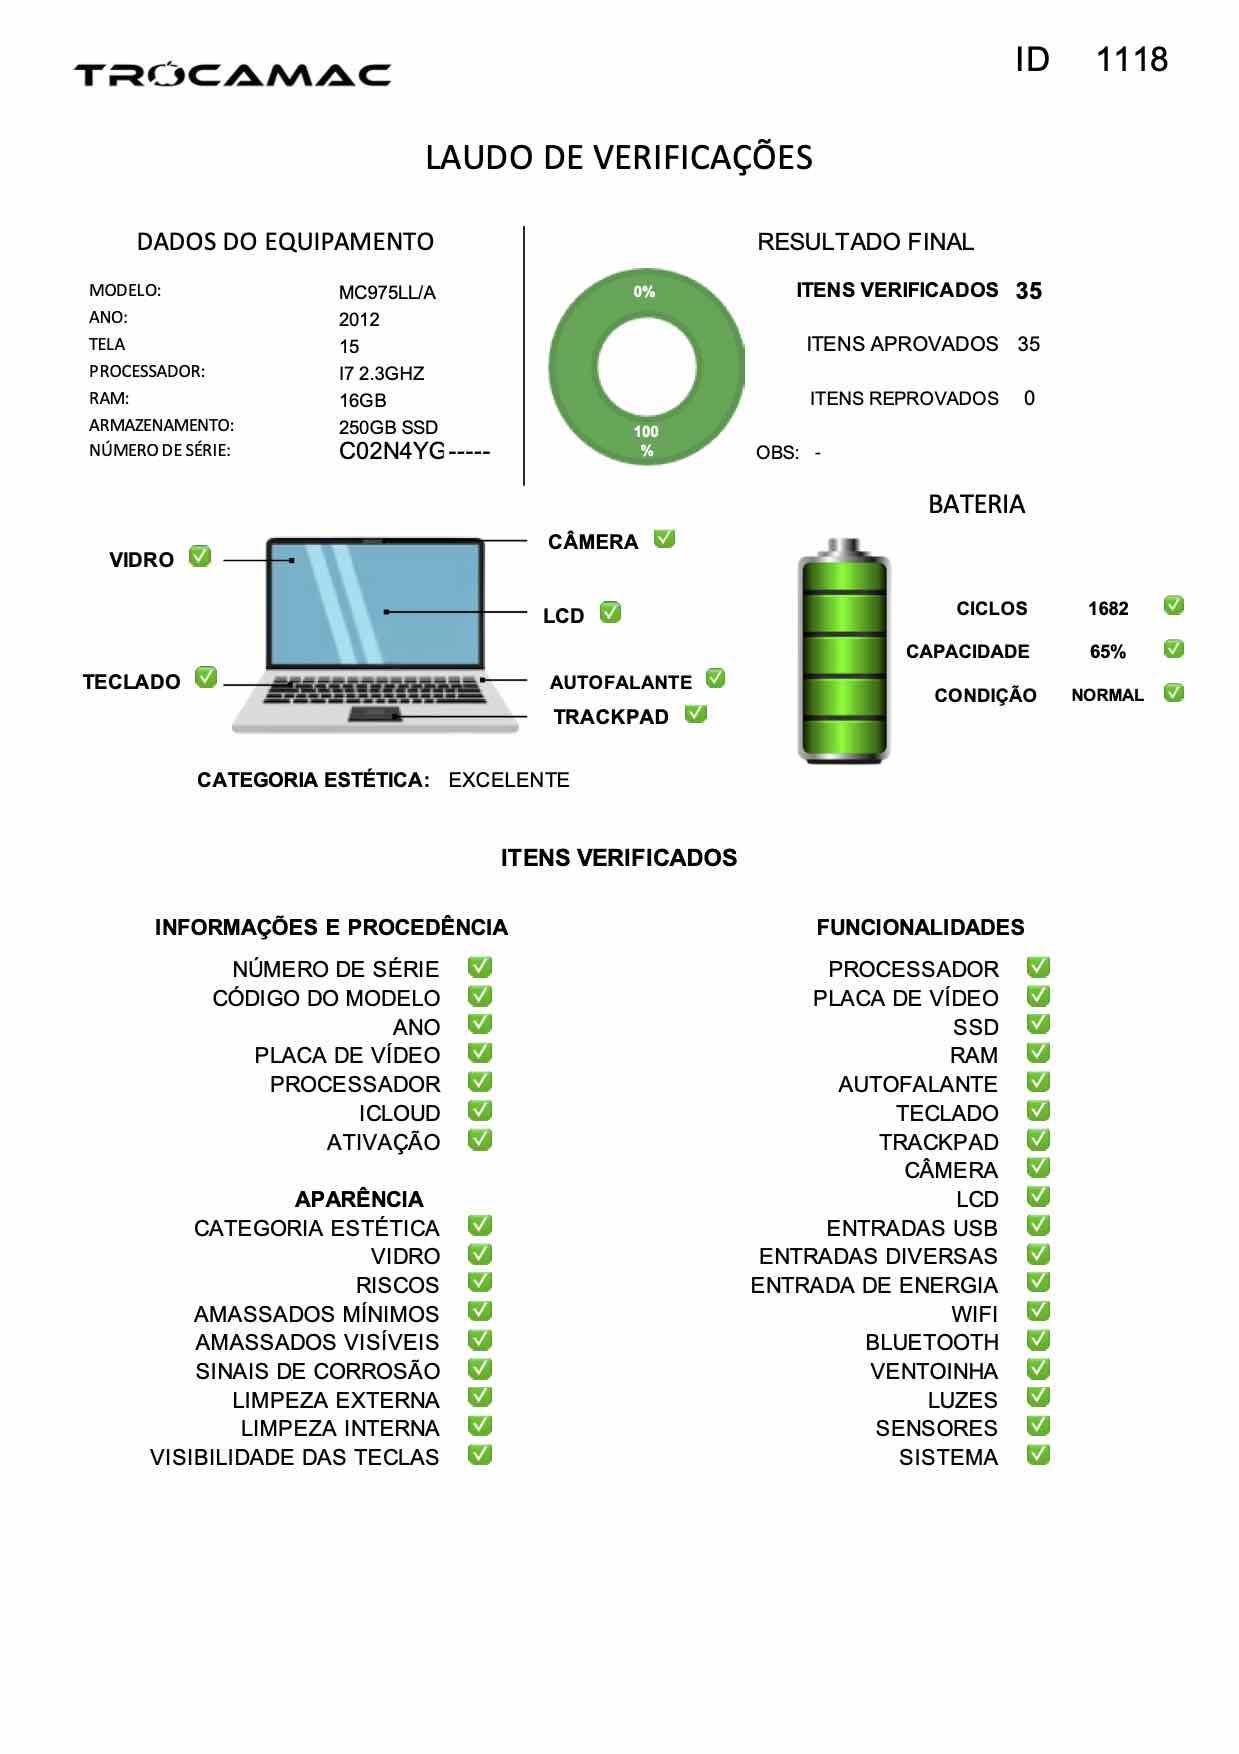 Macbook Pro Retina 15 I7 2.3Ghz 8GB 256GB SSD MC975LL/A Seminovo